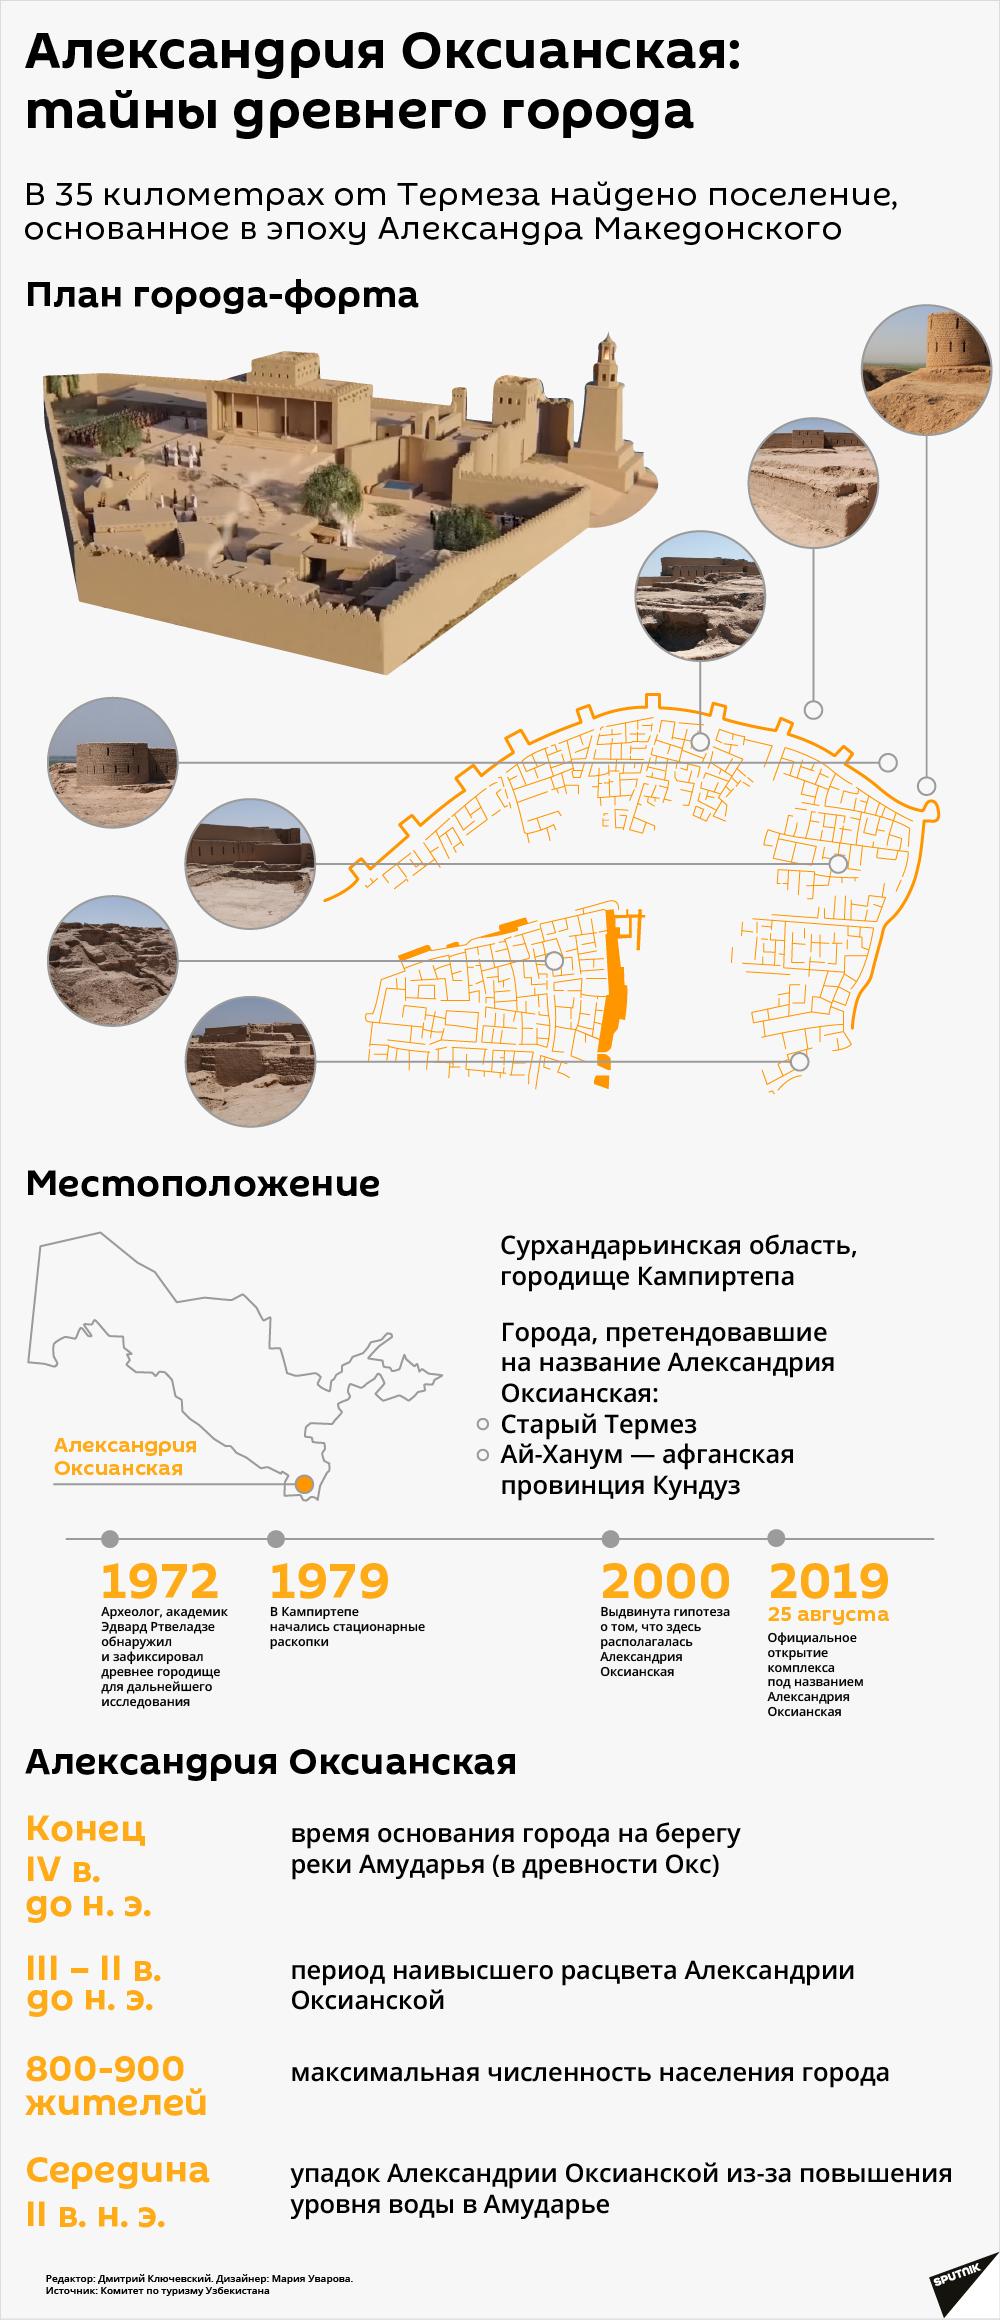 Александрия Оксианская: тайны древнего города - Sputnik Узбекистан